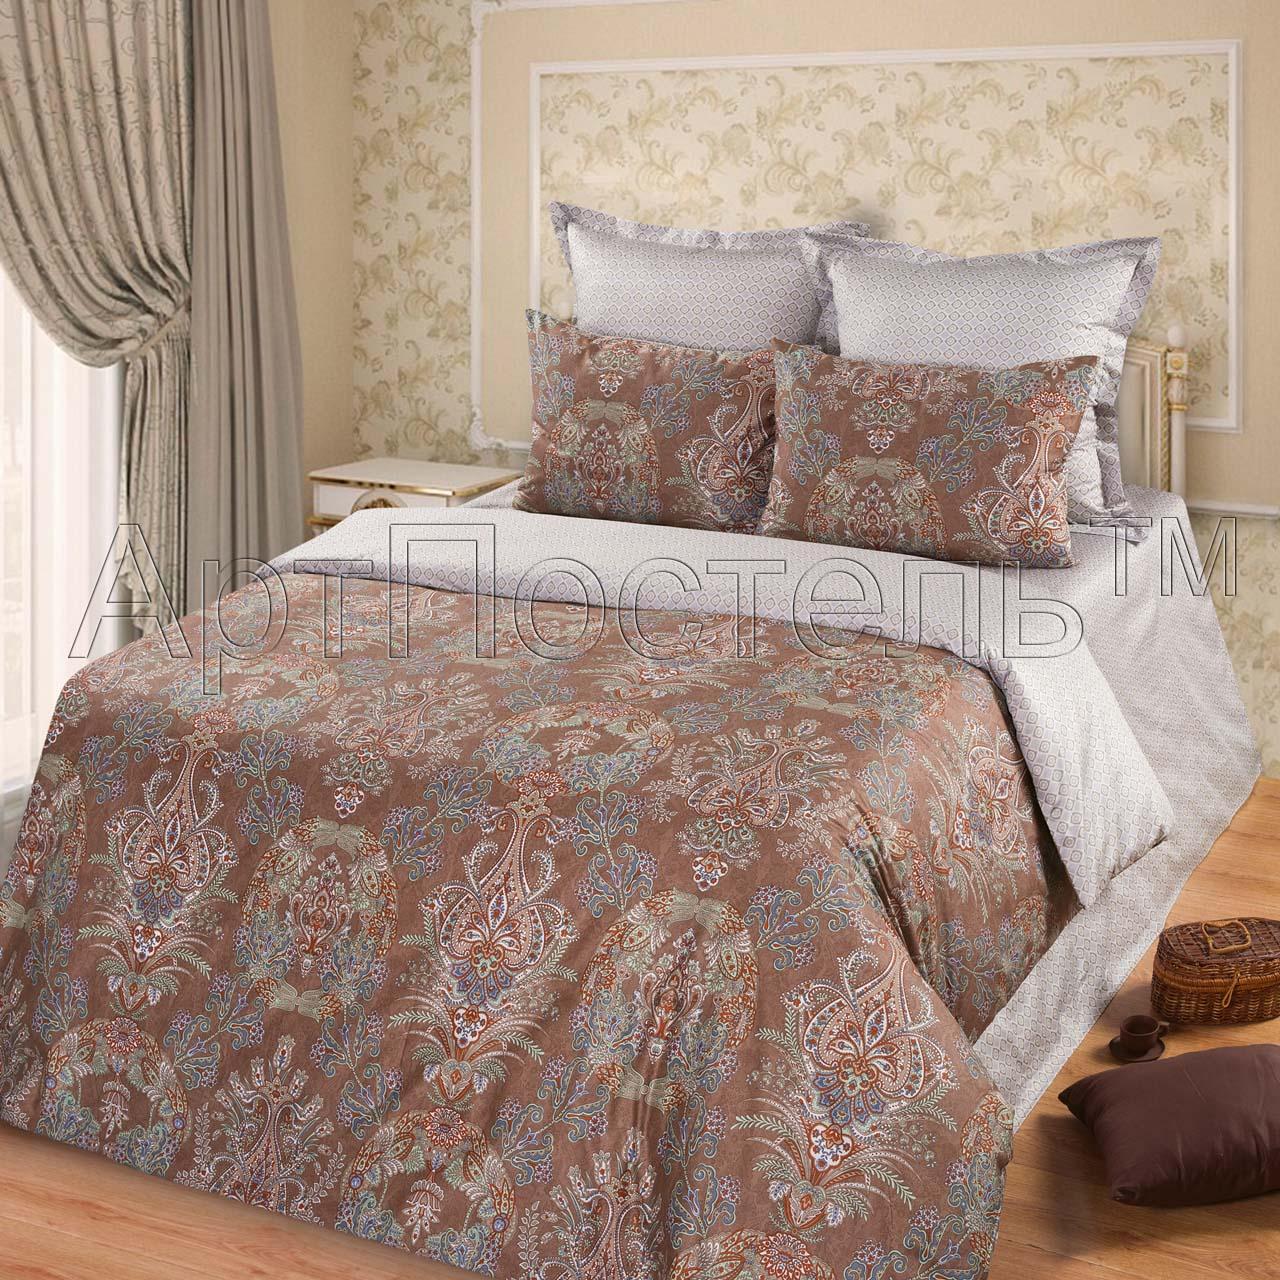 Комплект постельного белья Кристалл из сатинаСатин<br><br><br>Размер: Семейный (4 нав):70x70 (2 шт) и 50х70 (2 шт)